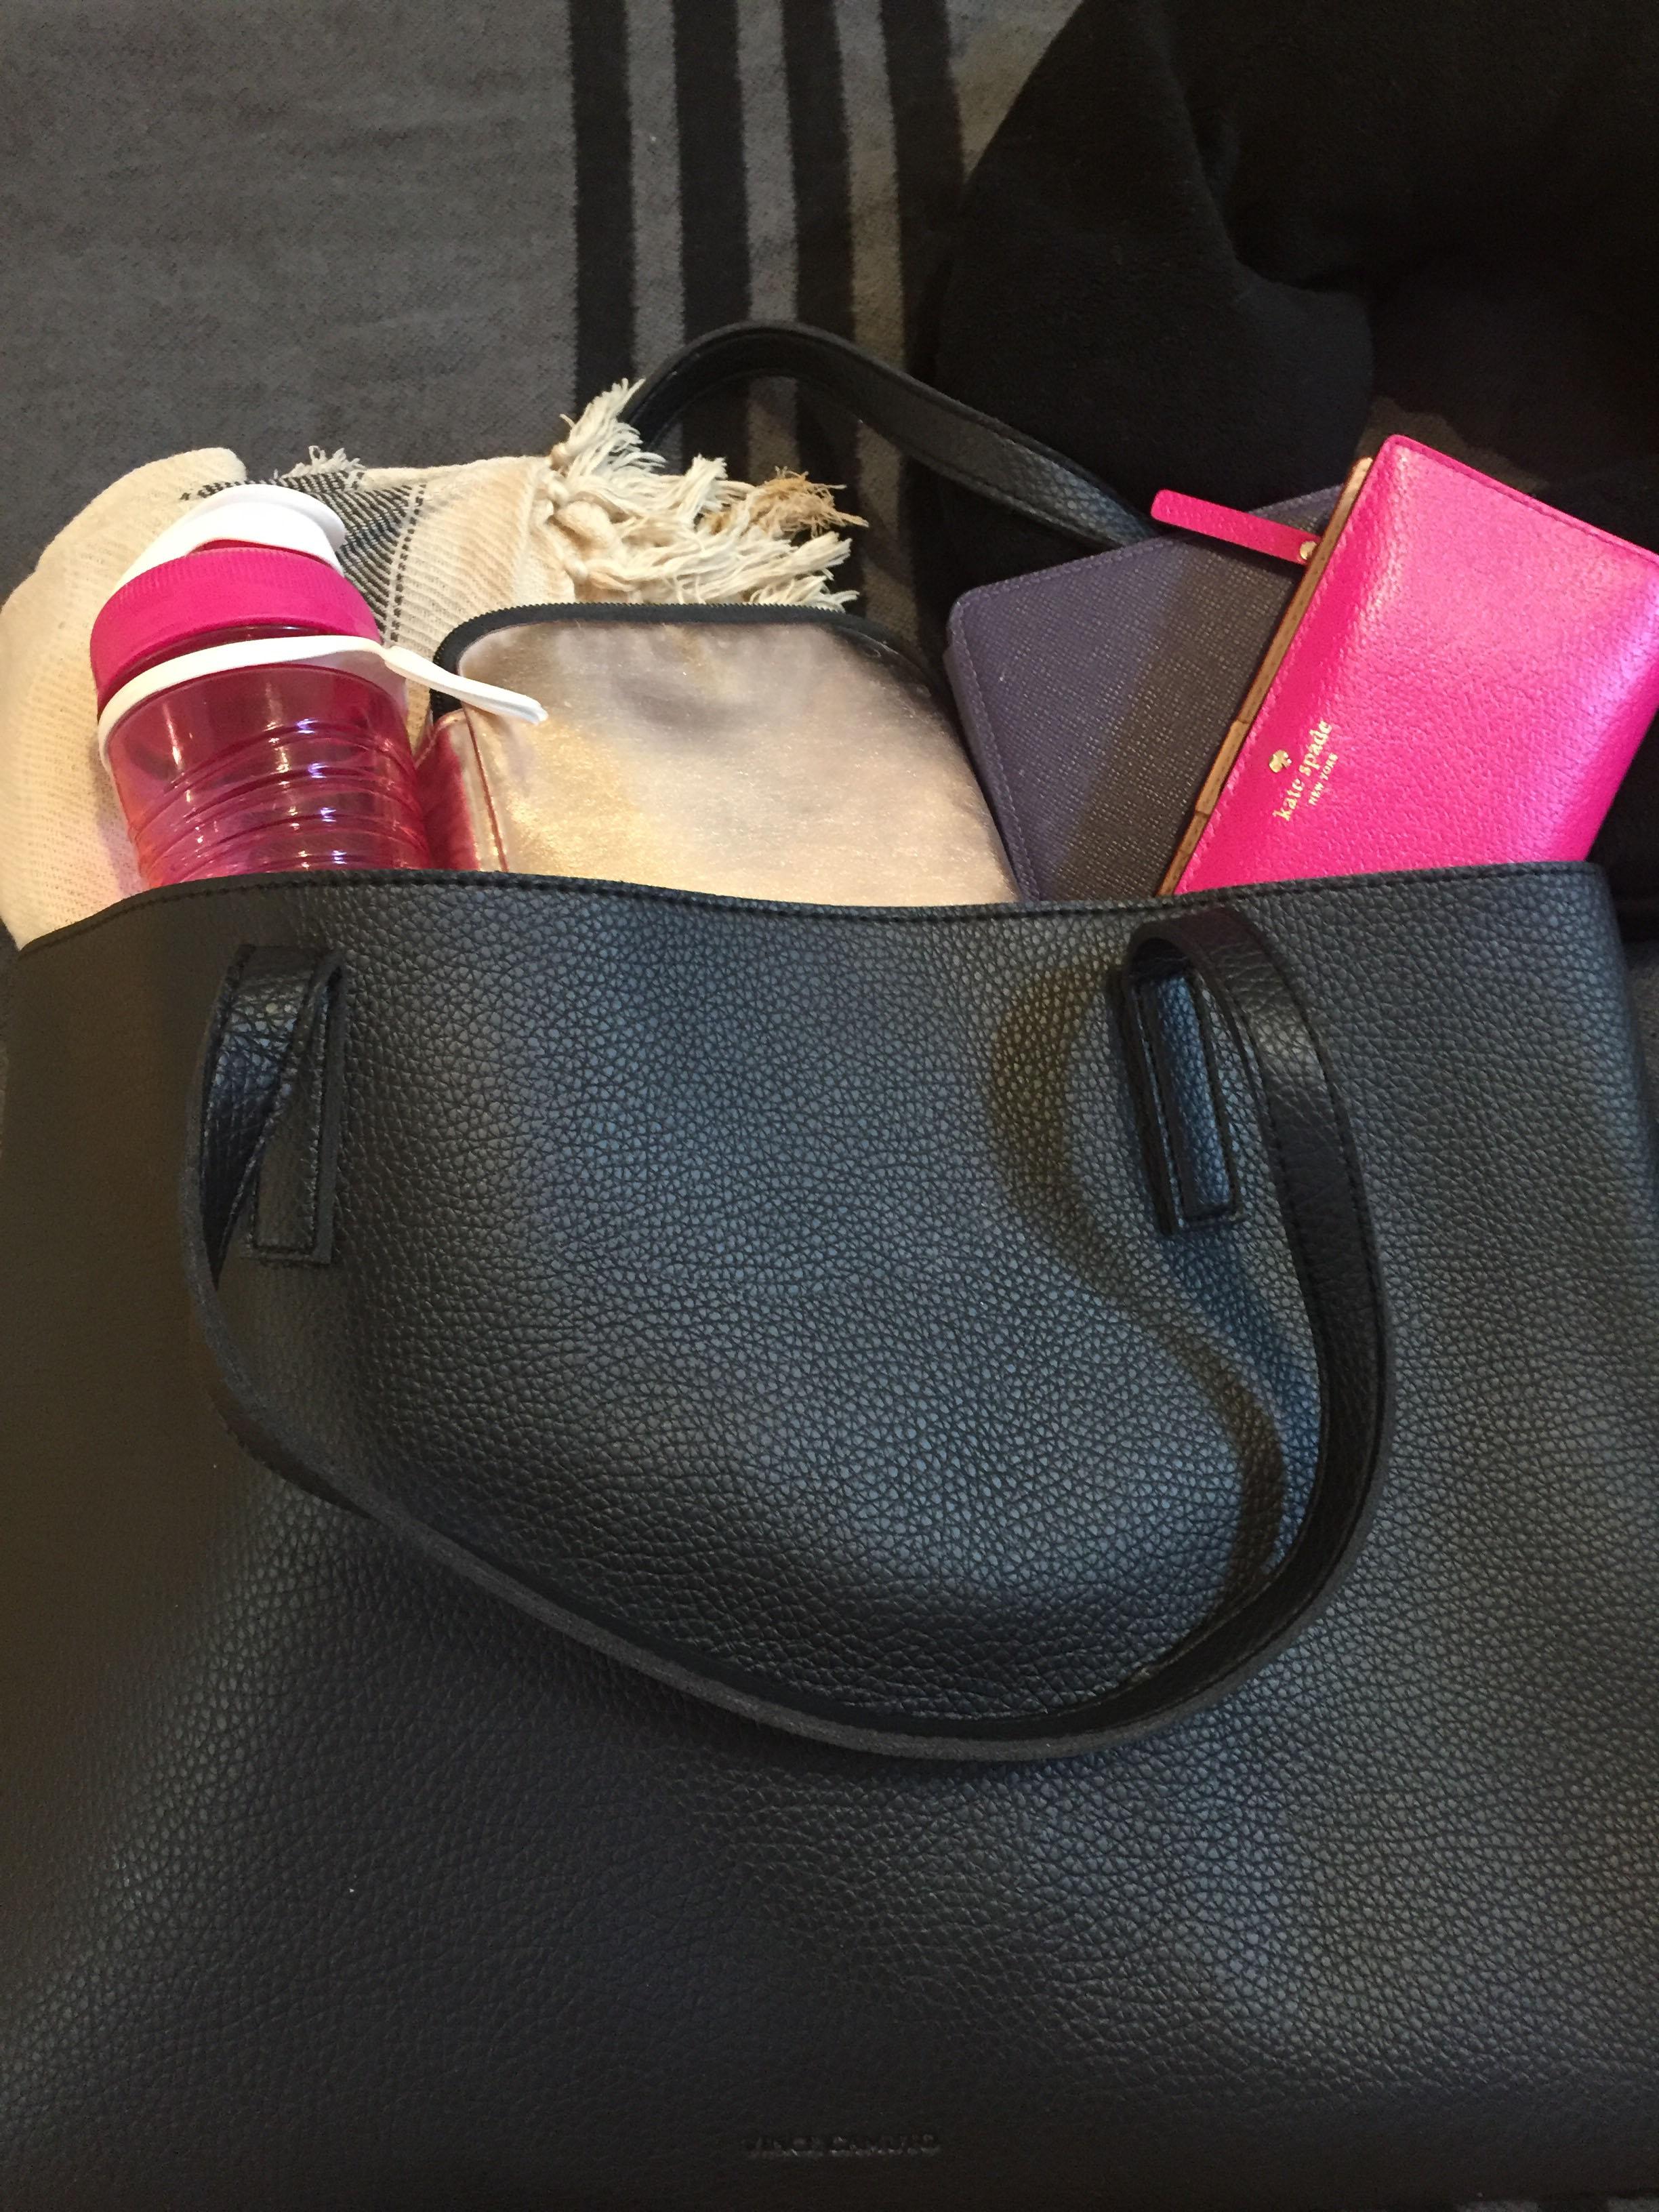 In Flight Essentials in a Bag